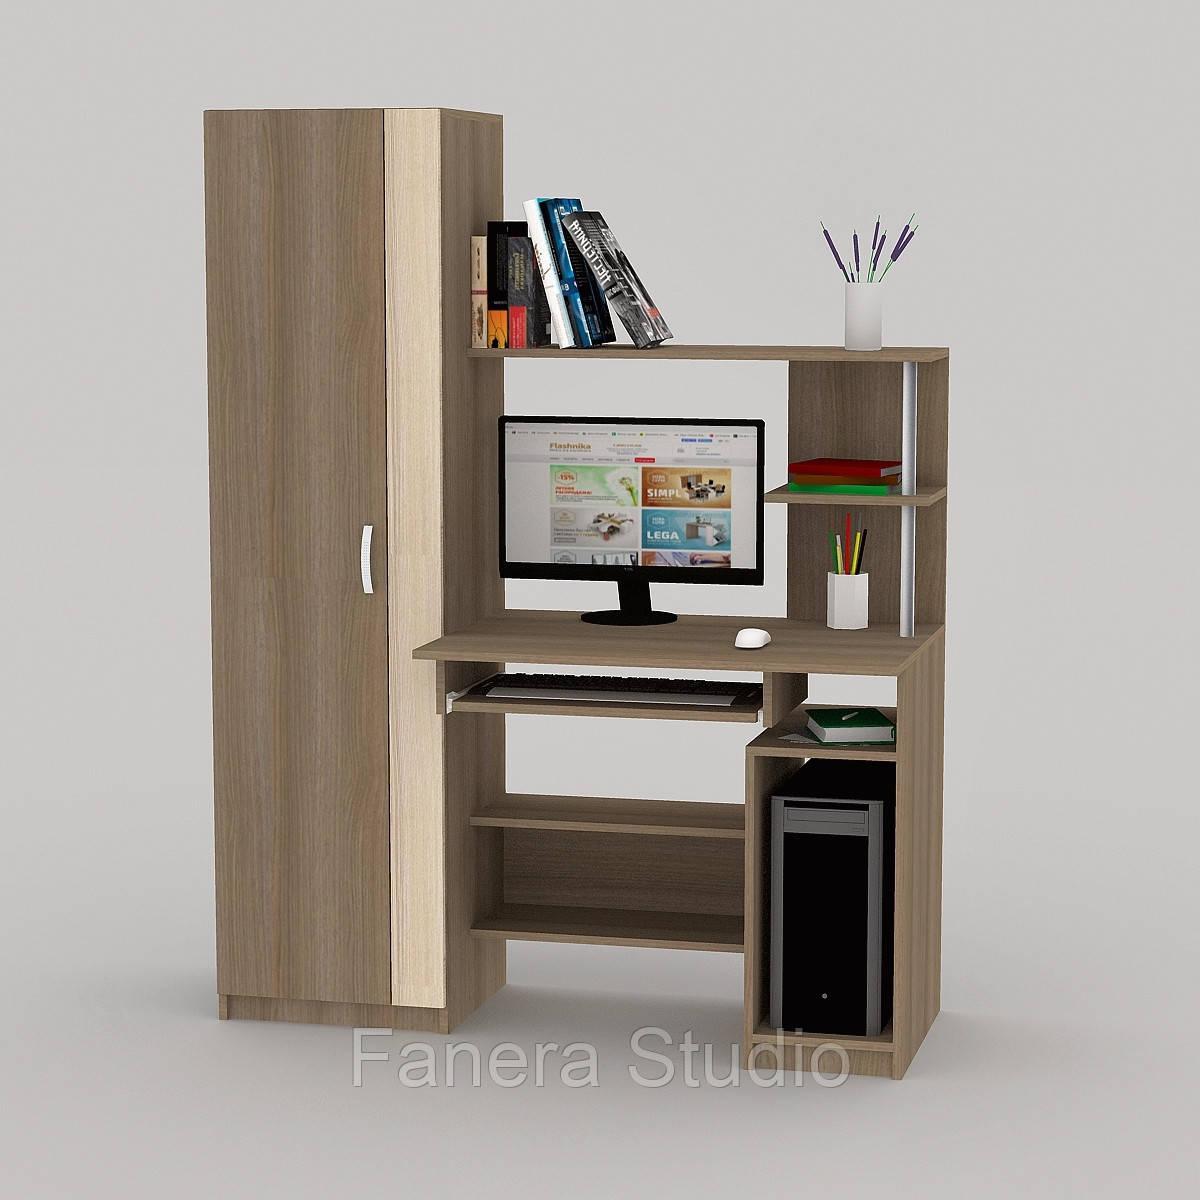 Комп'ютерний стіл FLASHNIKA LED 66 Лімберг/Коімбра